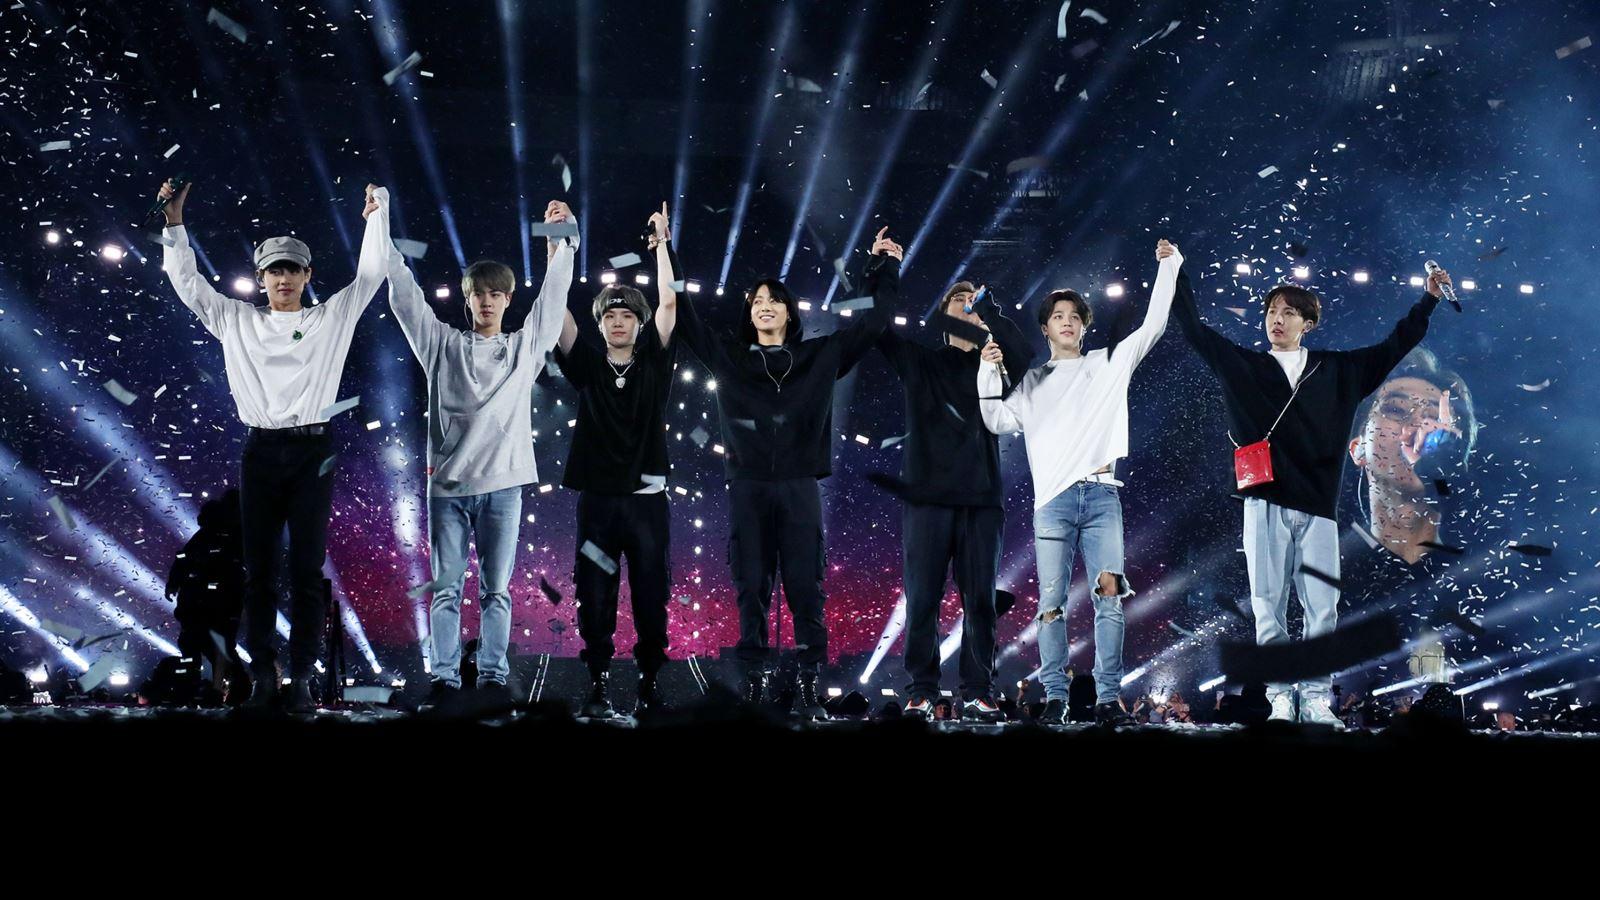 BTS, TXT, Đàn em BTS, TXT BTS, Big hit, one dream, showcase star in us, txt bts, bts tour, tour bts, xem bts tour, xem tour bts, bts live, bts idol